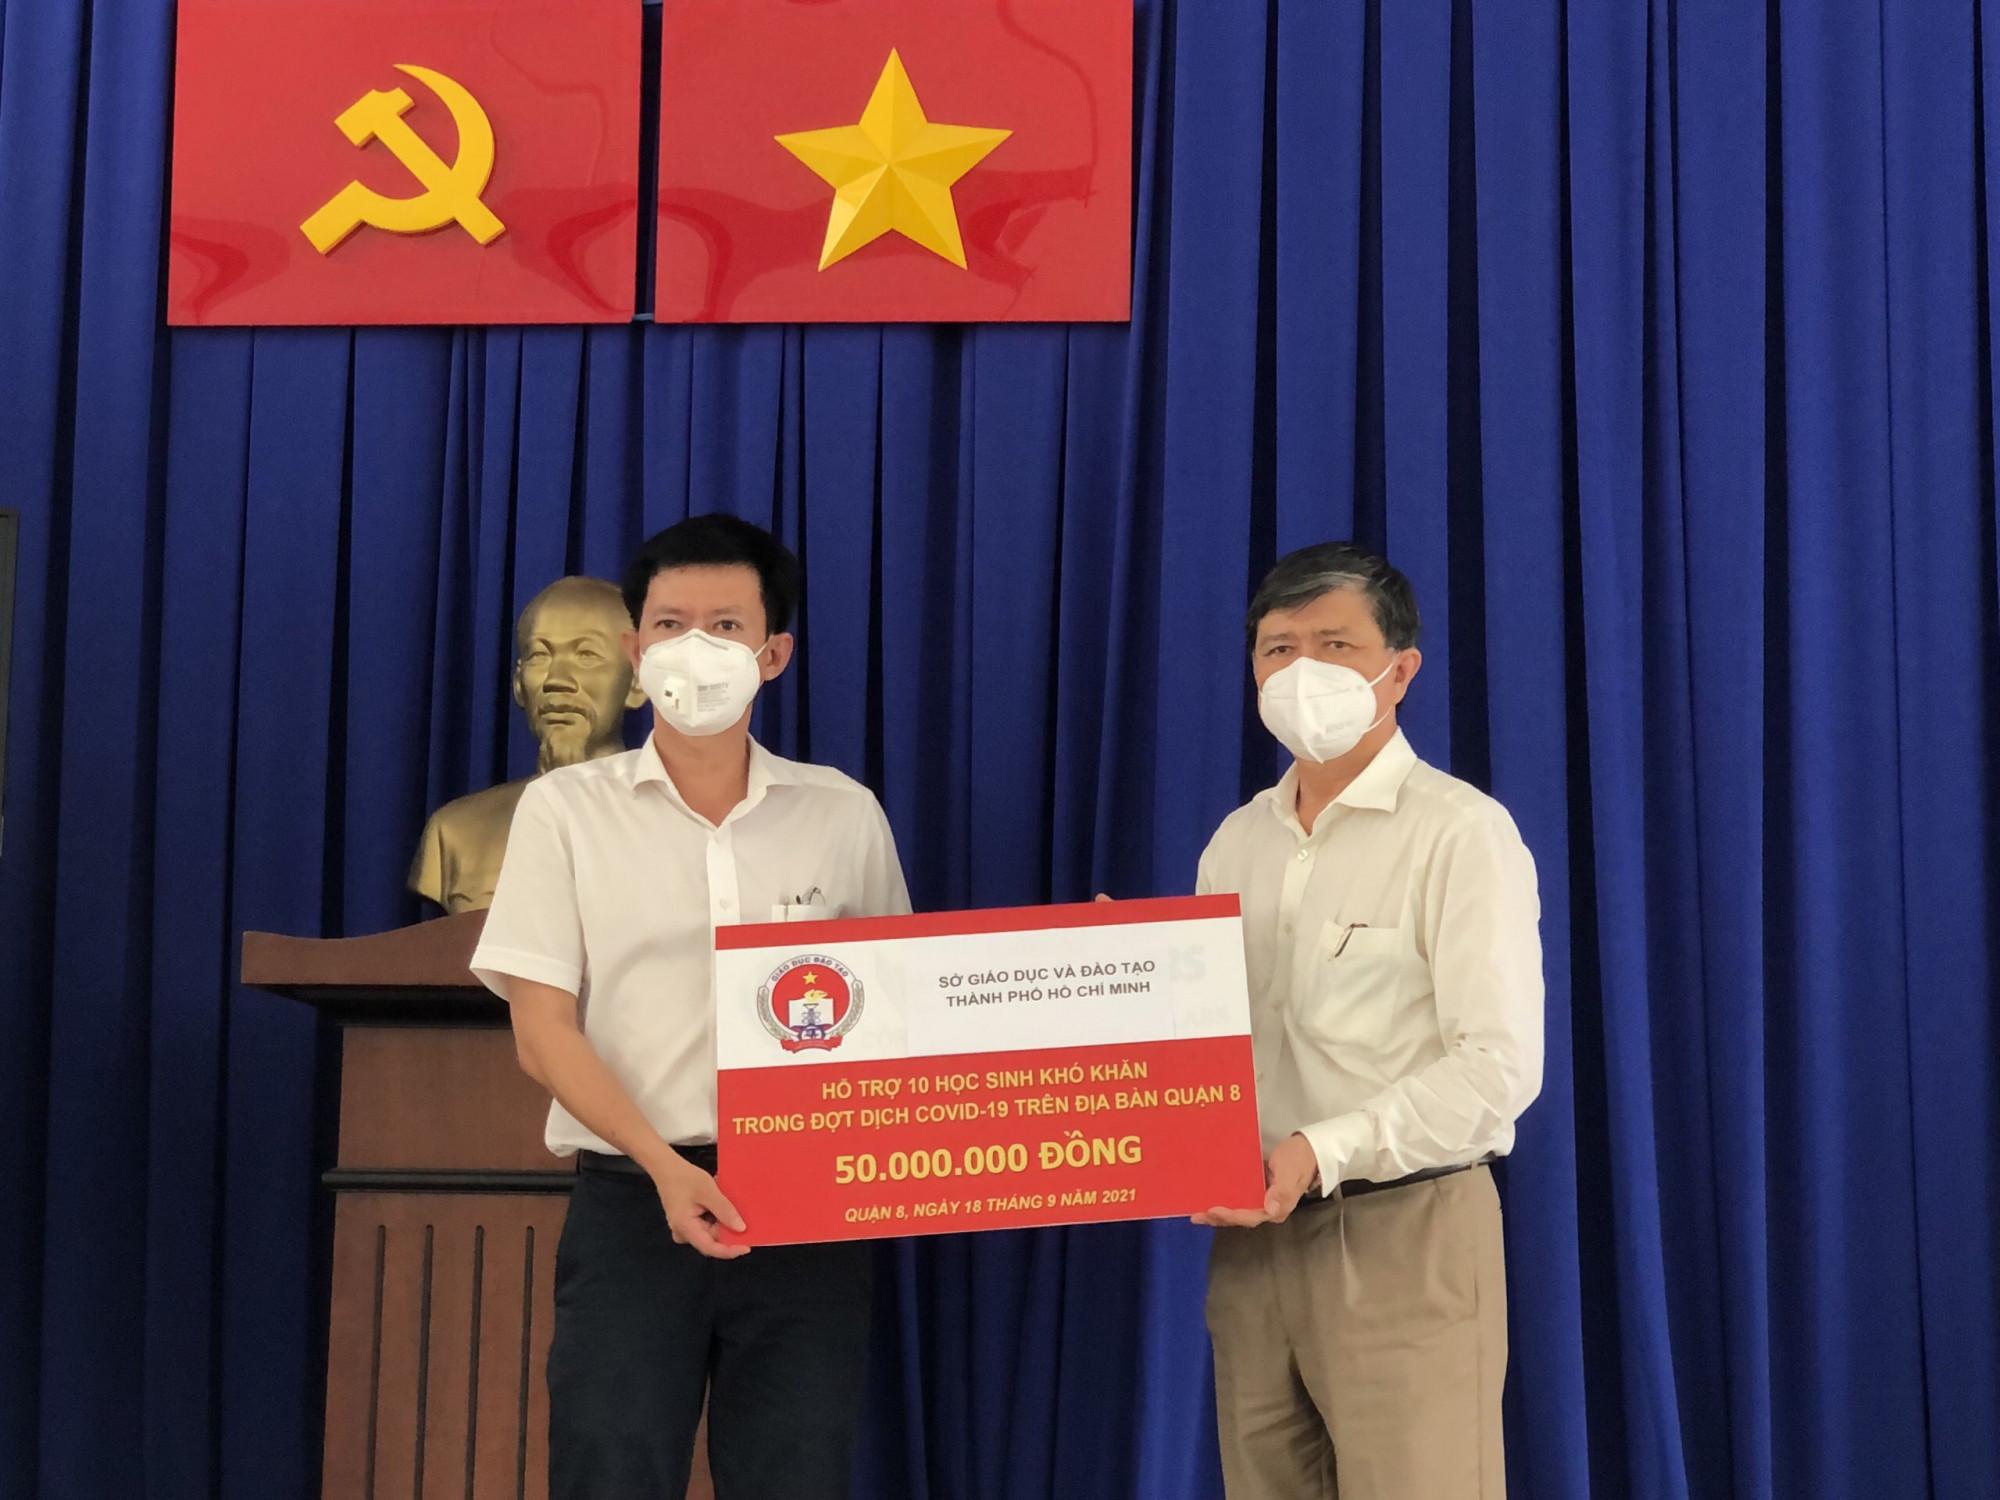 Ông Nguyễn Văn Hiếu, Giám đốc Sở GT-ĐT TPHCM (phải) trao học bổng cho đại diện Phòng GD-ĐT quận 8